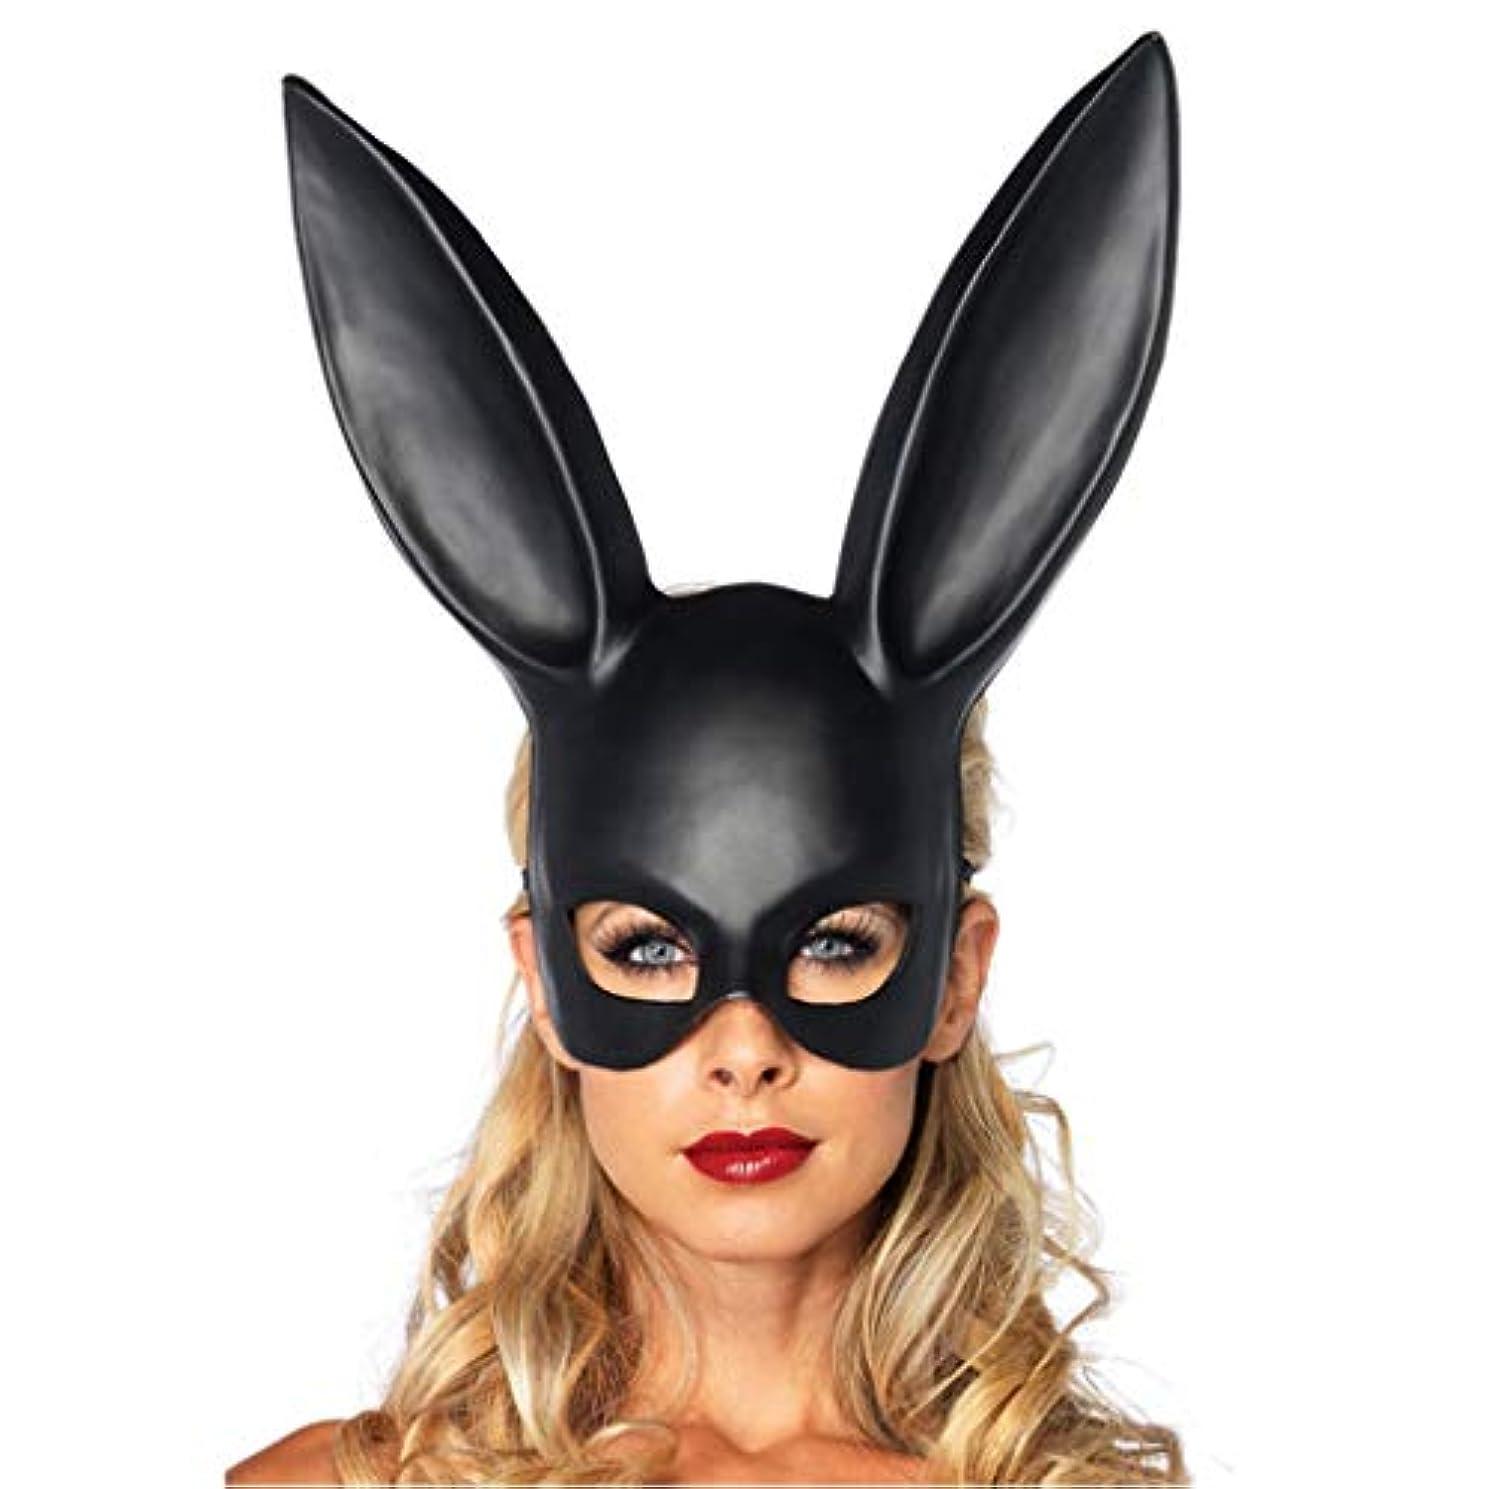 世界に死んだ聖書敬の念ハロウィーン仮装イヤーマスクバーKTVパーティーマスクかわいいウサギのマスク (Color : B)